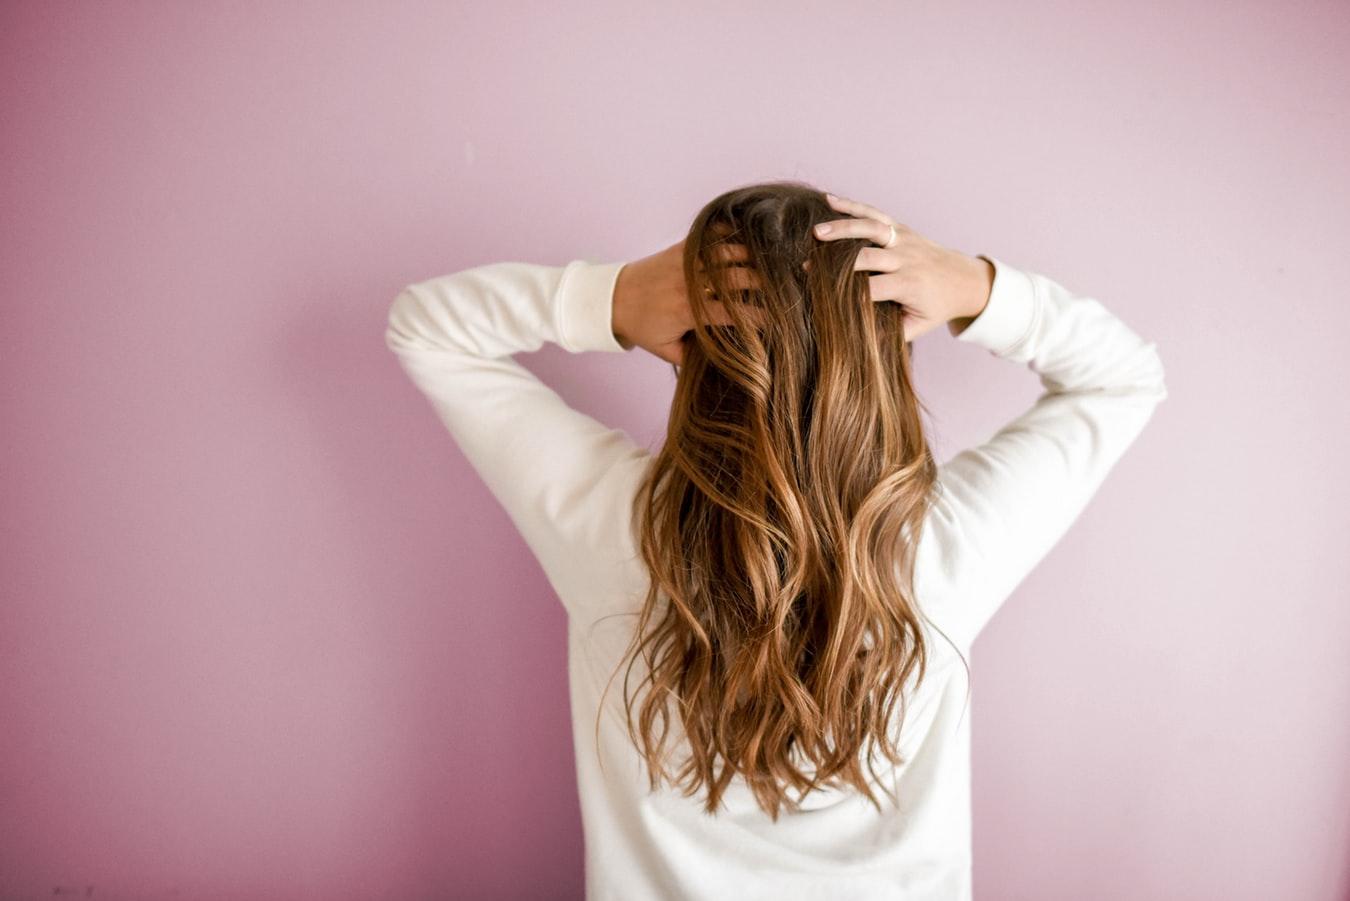 Brug shampoo fra Poul Mitchell til at få styr på sommerlokkerne